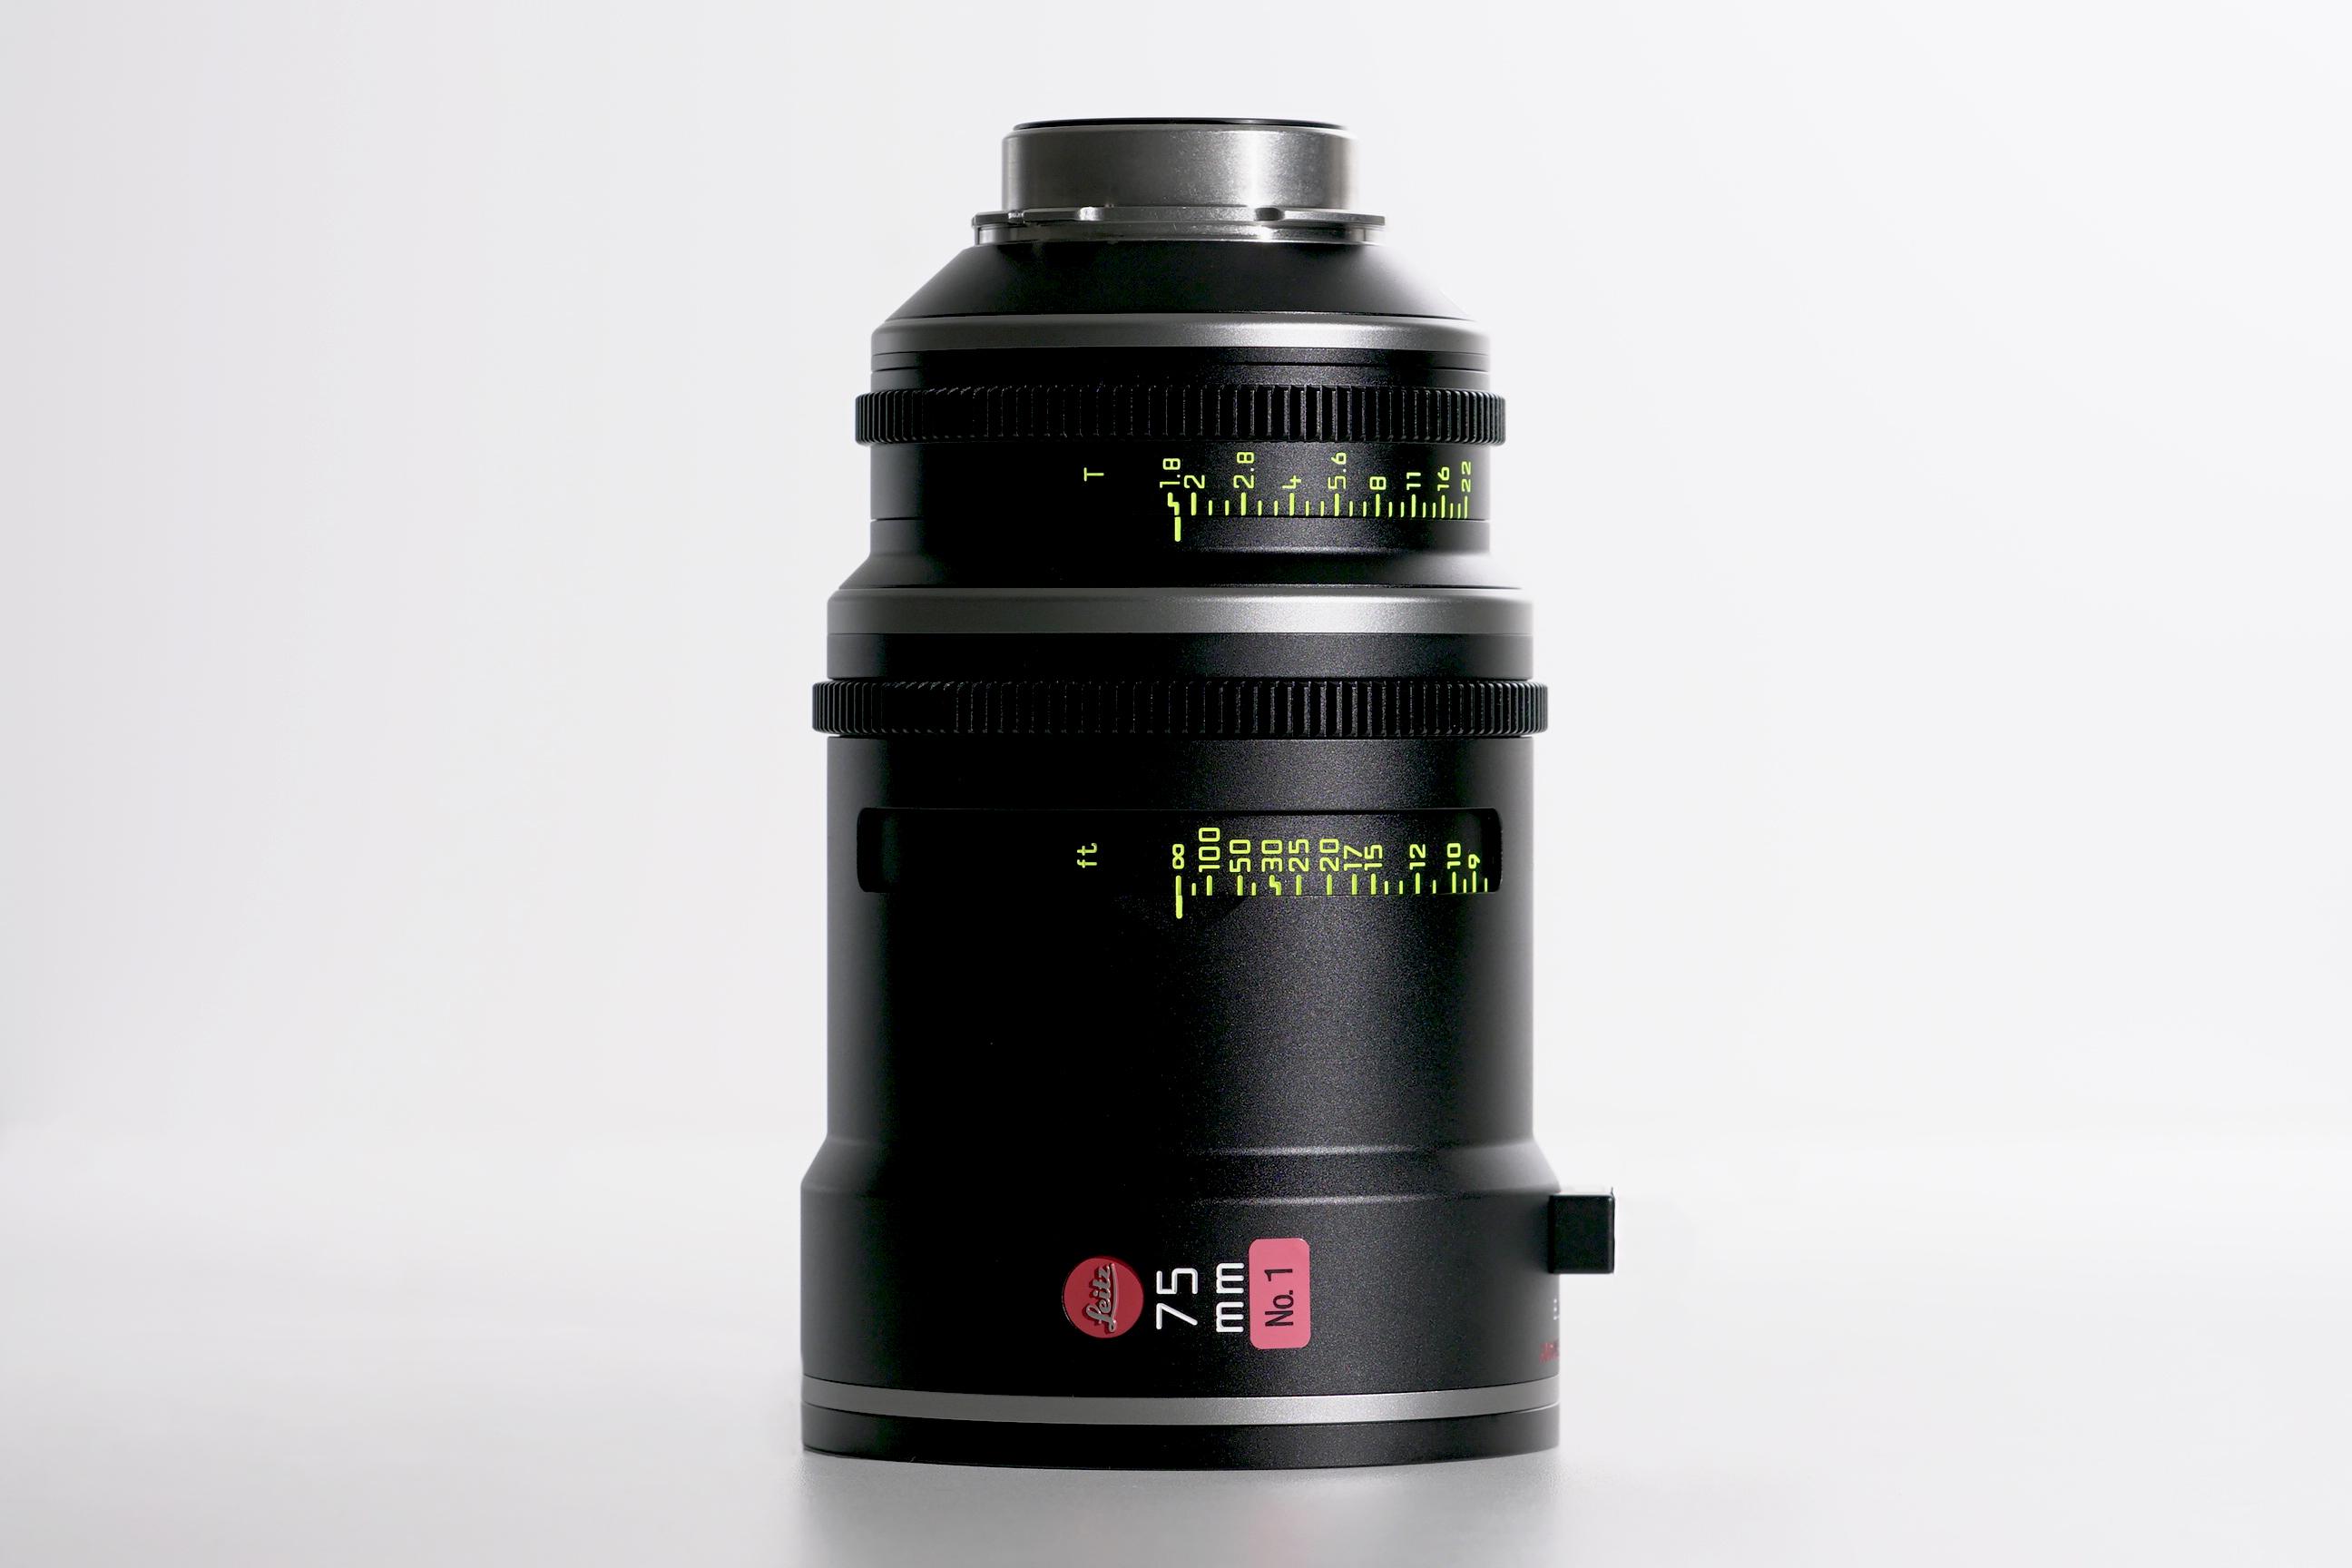 Leitz Prime 75mm T1.8